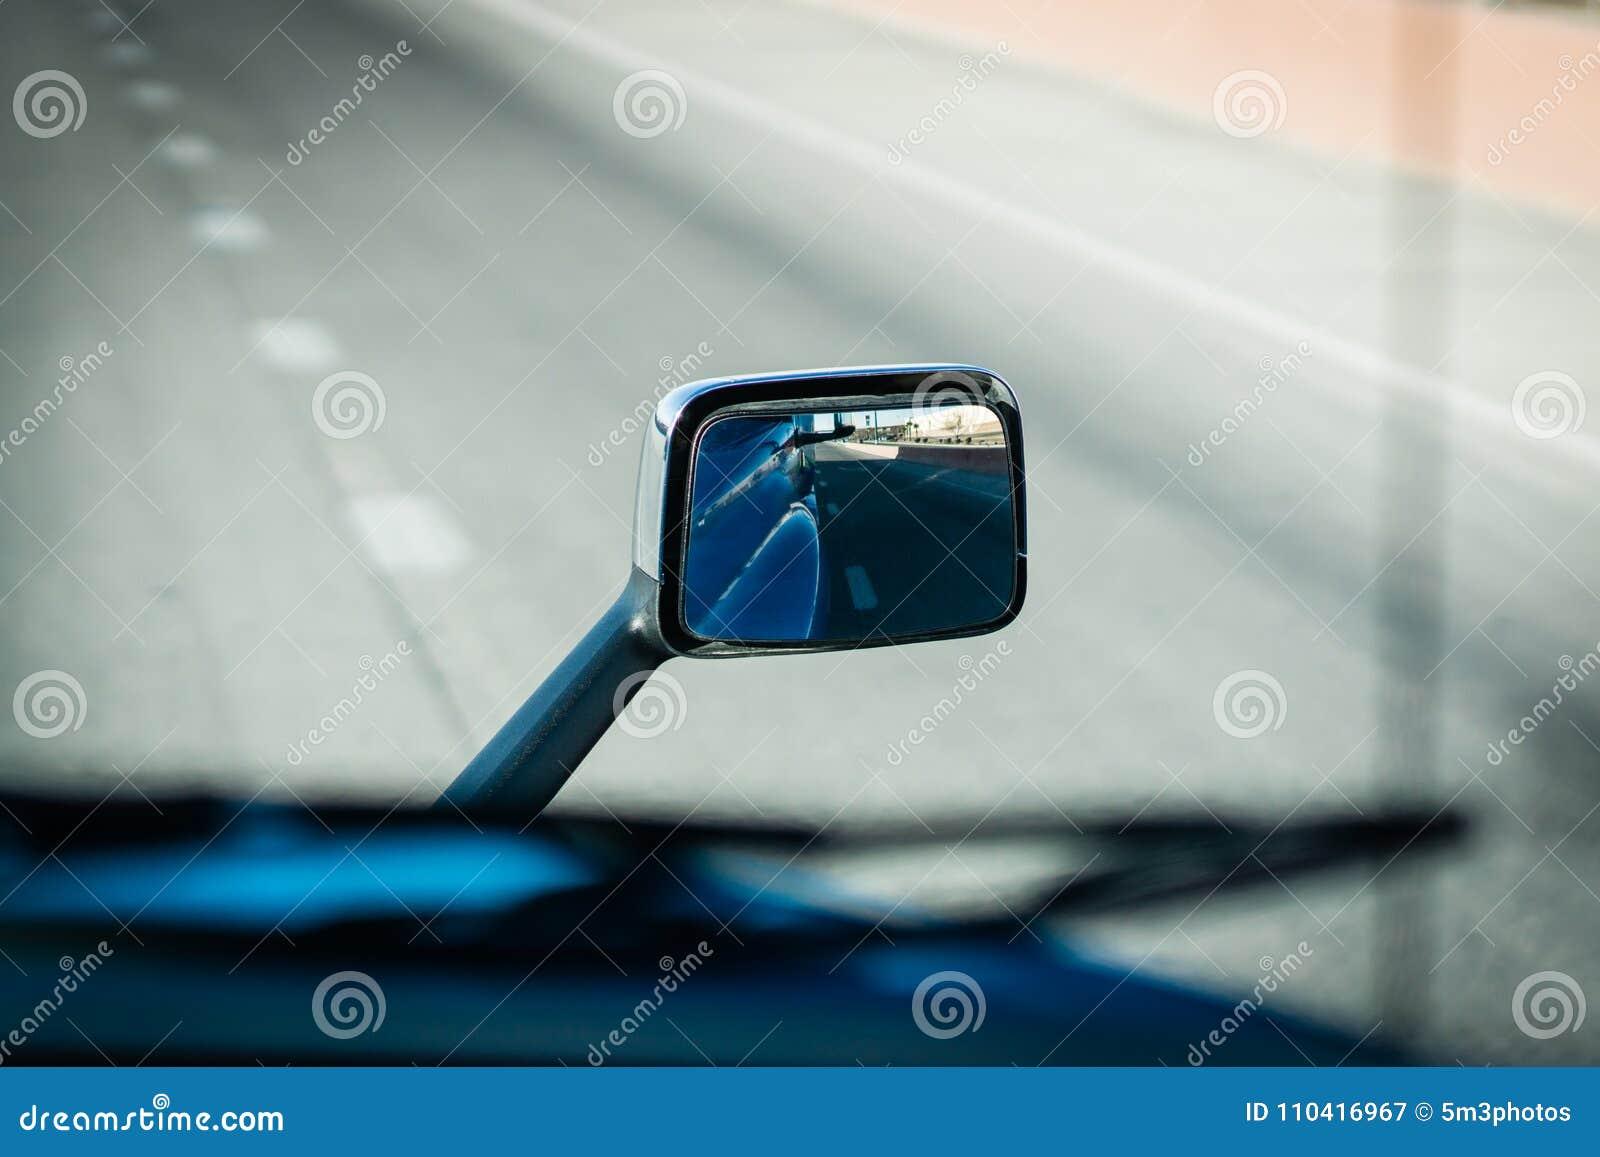 Semi Truck 18 Wheeler Side Mirror Collision Avoidance Stock Image